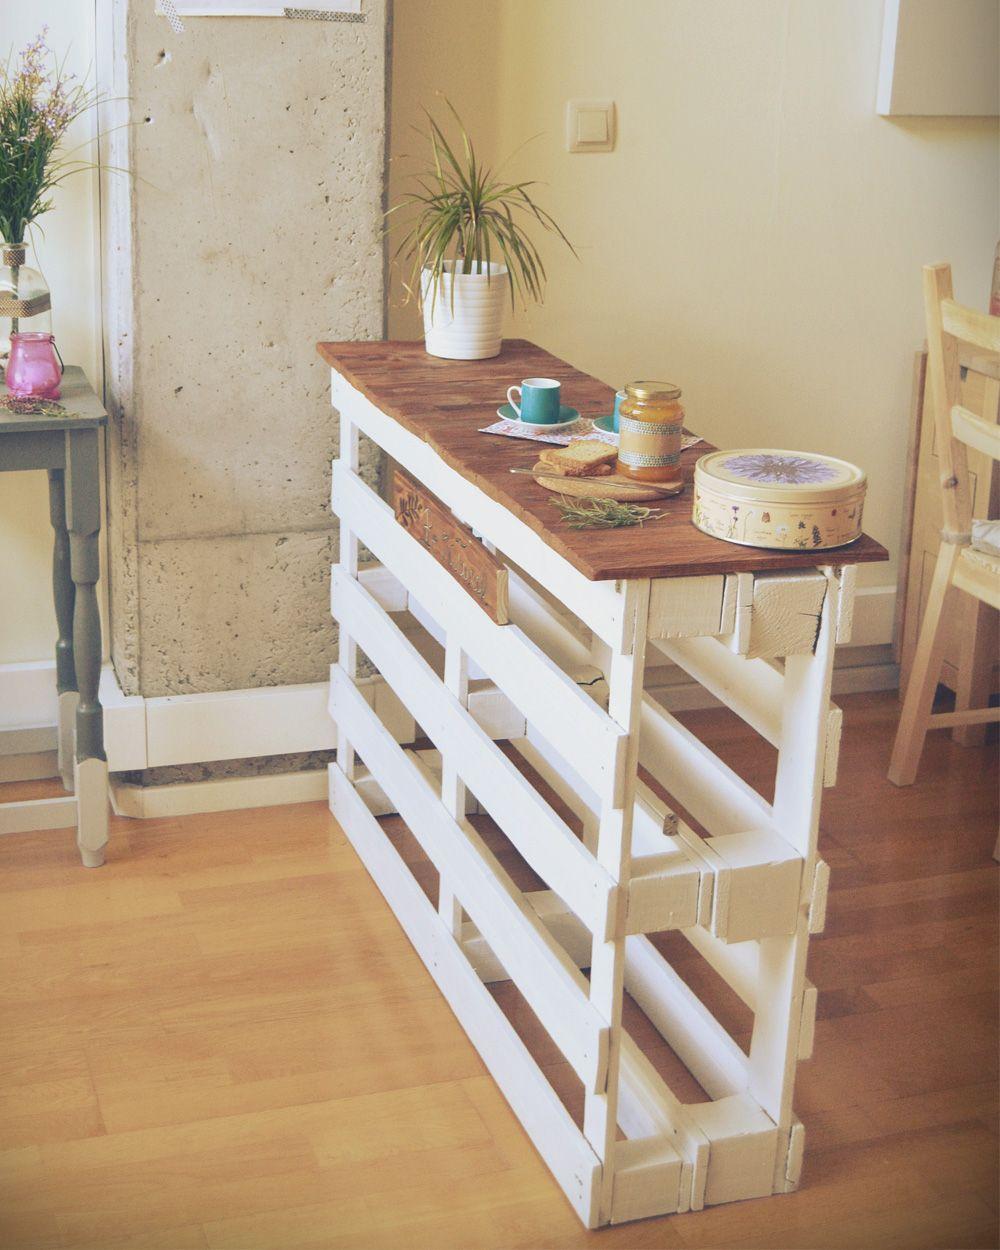 Palet Paletten Landhausstil Kücheninseln   Küche Metod Ikea Küchenfront  Kroktorp